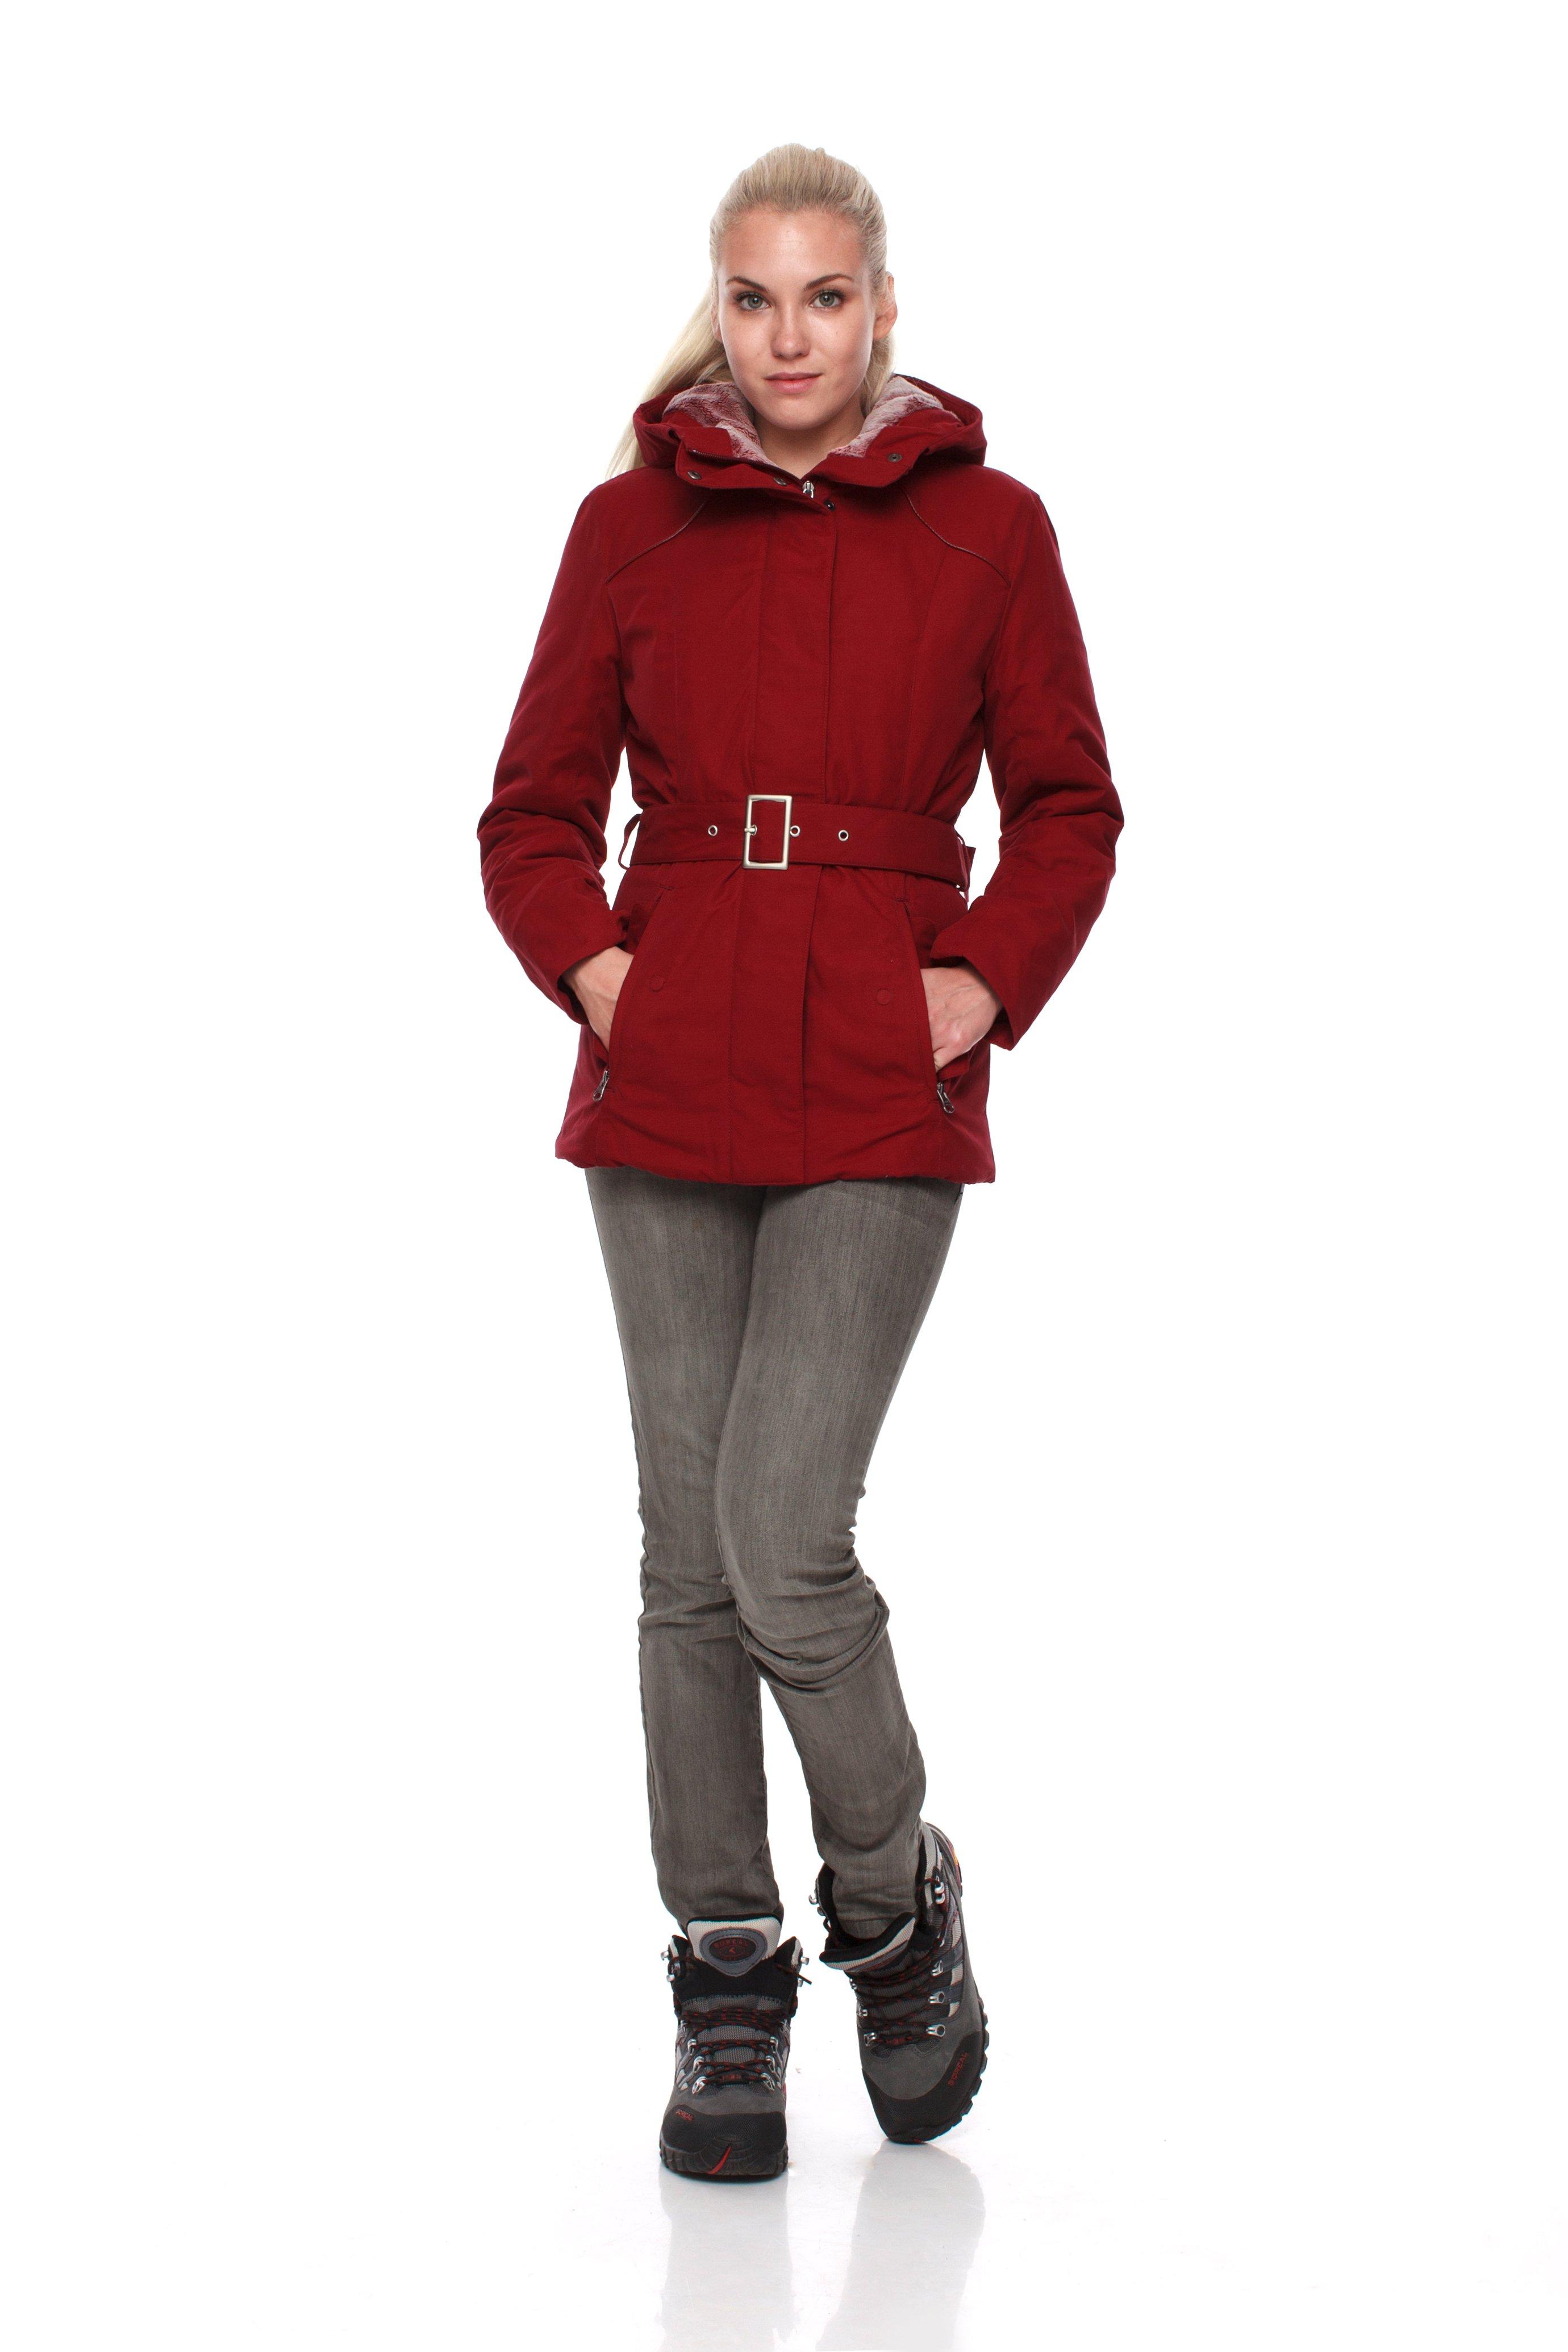 Куртка BASK SHL FURY 5455Куртки<br>Элегантная женская куртка для города на cинтетическом утеплителе Shelter®Sport из коллекции BASK City.<br><br>Верхняя ткань: Nylon 50%,Cotton 50%,Teflon WR<br>Ветро-влагозащитные свойства верхней ткани: Да<br>Ветрозащитная планка: Да<br>Ветрозащитная юбка: Нет<br>Влагозащитные молнии: Нет<br>Внутренние манжеты: Да<br>Внутренняя ткань: Advance® Classic<br>Дублирующий центральную молнию клапан: Да<br>Защитный козырёк капюшона: Нет<br>Капюшон: Несъемный<br>Количество внешних карманов: 2<br>Количество внутренних карманов: 2<br>Мембрана: Нет<br>Объемный крой локтевой зоны: Нет<br>Отстёгивающиеся рукава: Нет<br>Проклейка швов: Нет<br>Регулировка манжетов рукавов: Нет<br>Регулировка низа: Нет<br>Регулировка объёма капюшона: Да<br>Регулировка талии: Да<br>Регулируемые вентиляционные отверстия: Нет<br>Световозвращающая лента: Нет<br>Температурный режим: -10<br>Технология Thermal Welding: Нет<br>Технология швов: Простые<br>Тип молнии: Однозамковая<br>Тип утеплителя: Синтетический<br>Ткань усиления: Нет<br>Усиление контактных зон: Нет<br>Утеплитель: Shelter®Sport<br>Размер RU: 42<br>Цвет: КРАСНЫЙ